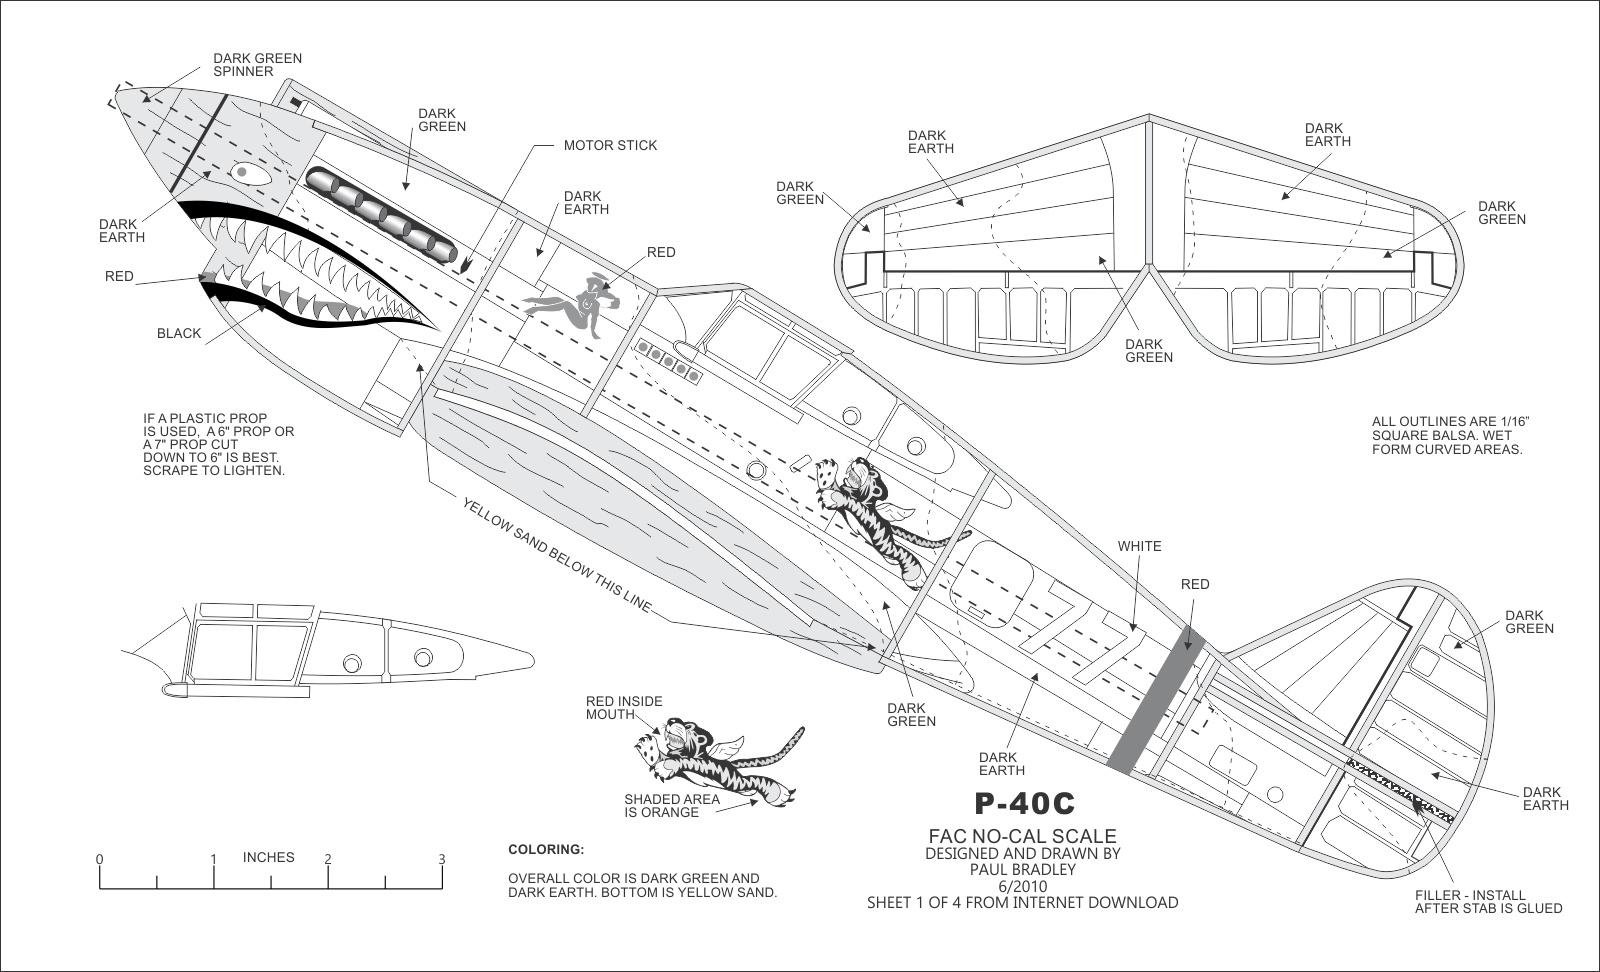 https://0201.nccdn.net/1_2/000/000/148/334/P-40C-fuselage-1600x972.jpg